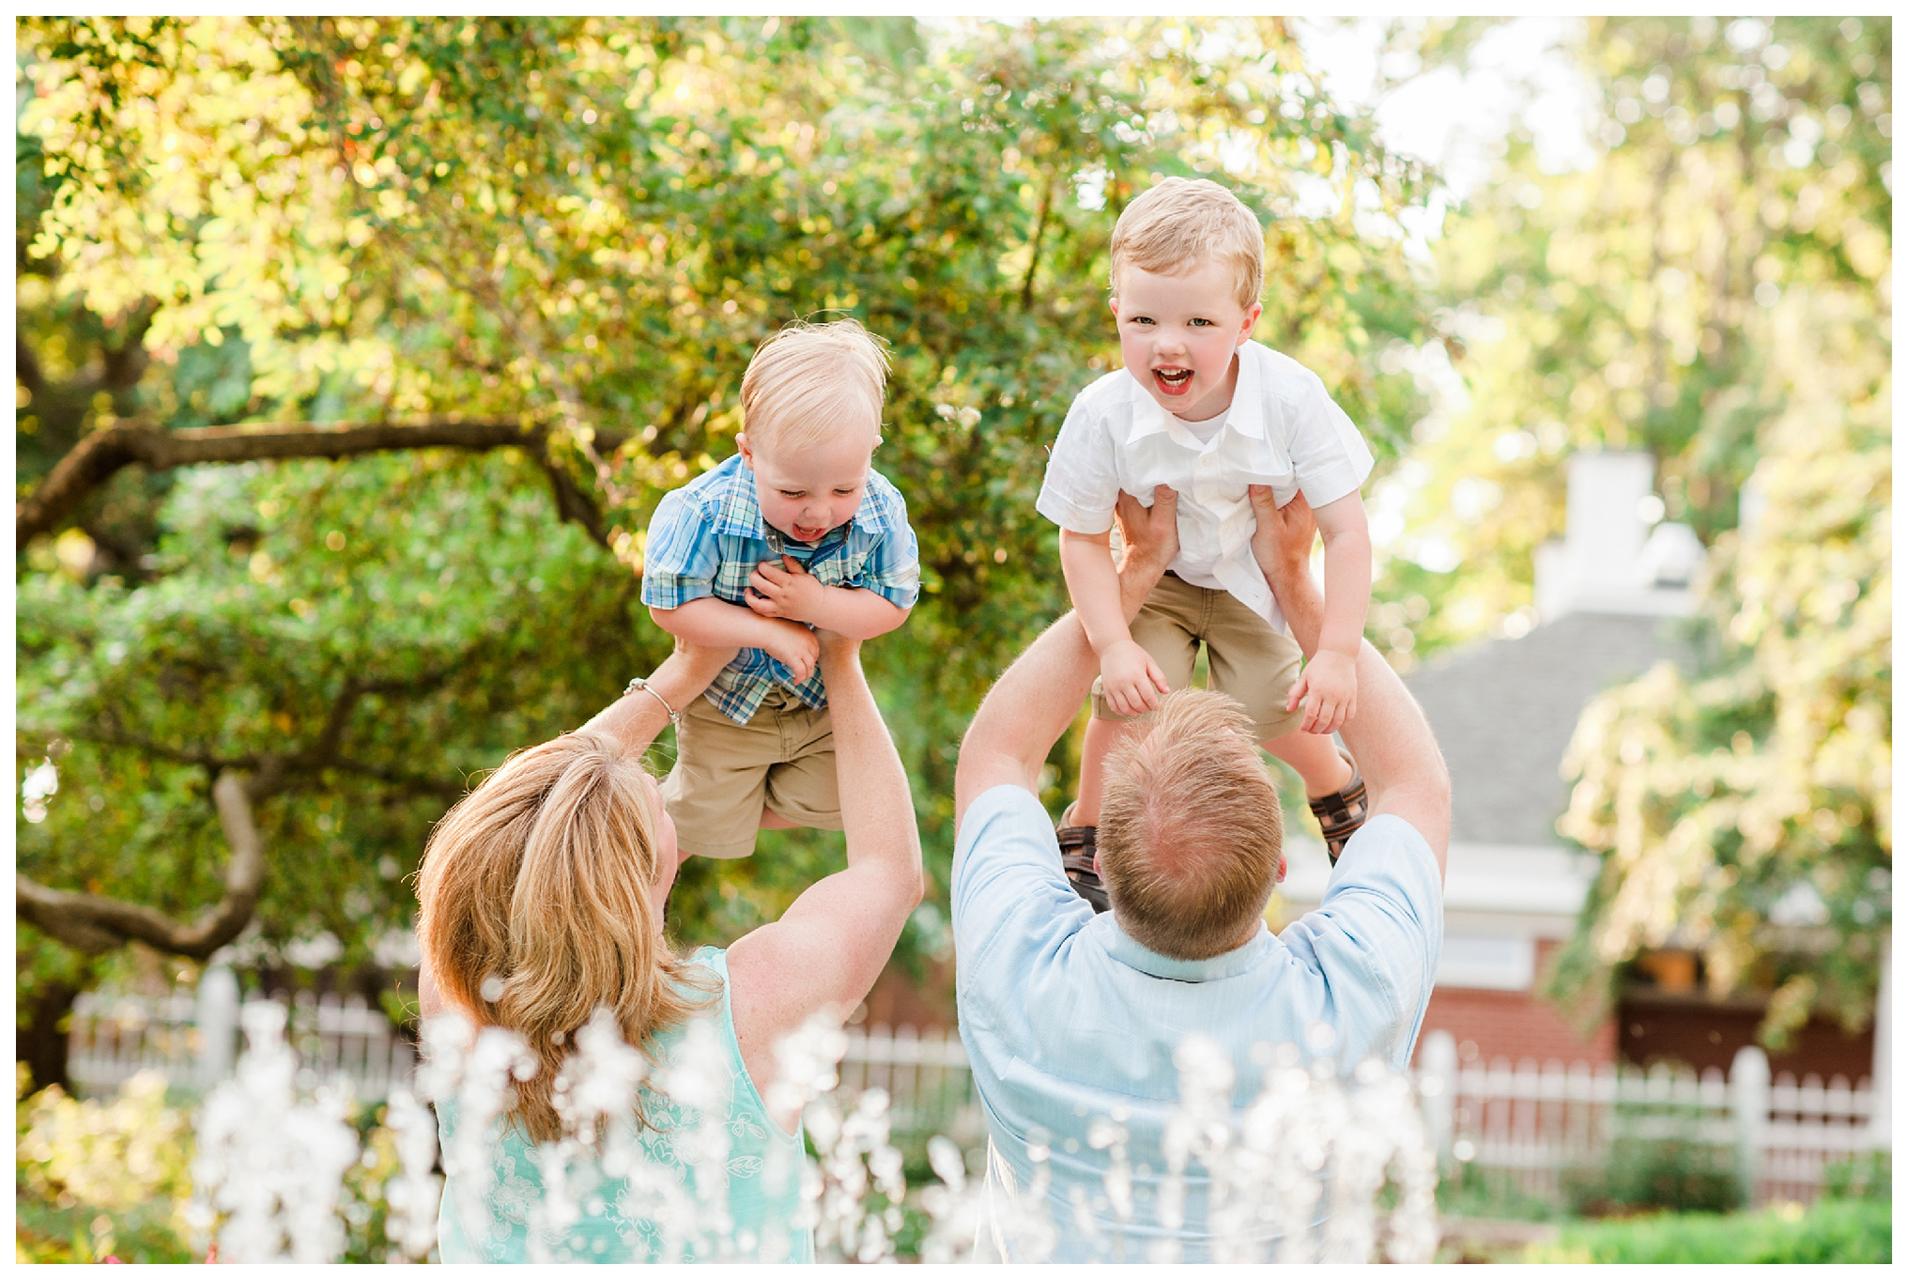 Family-Photographer-Sweet-Light-Portraits13.jpg